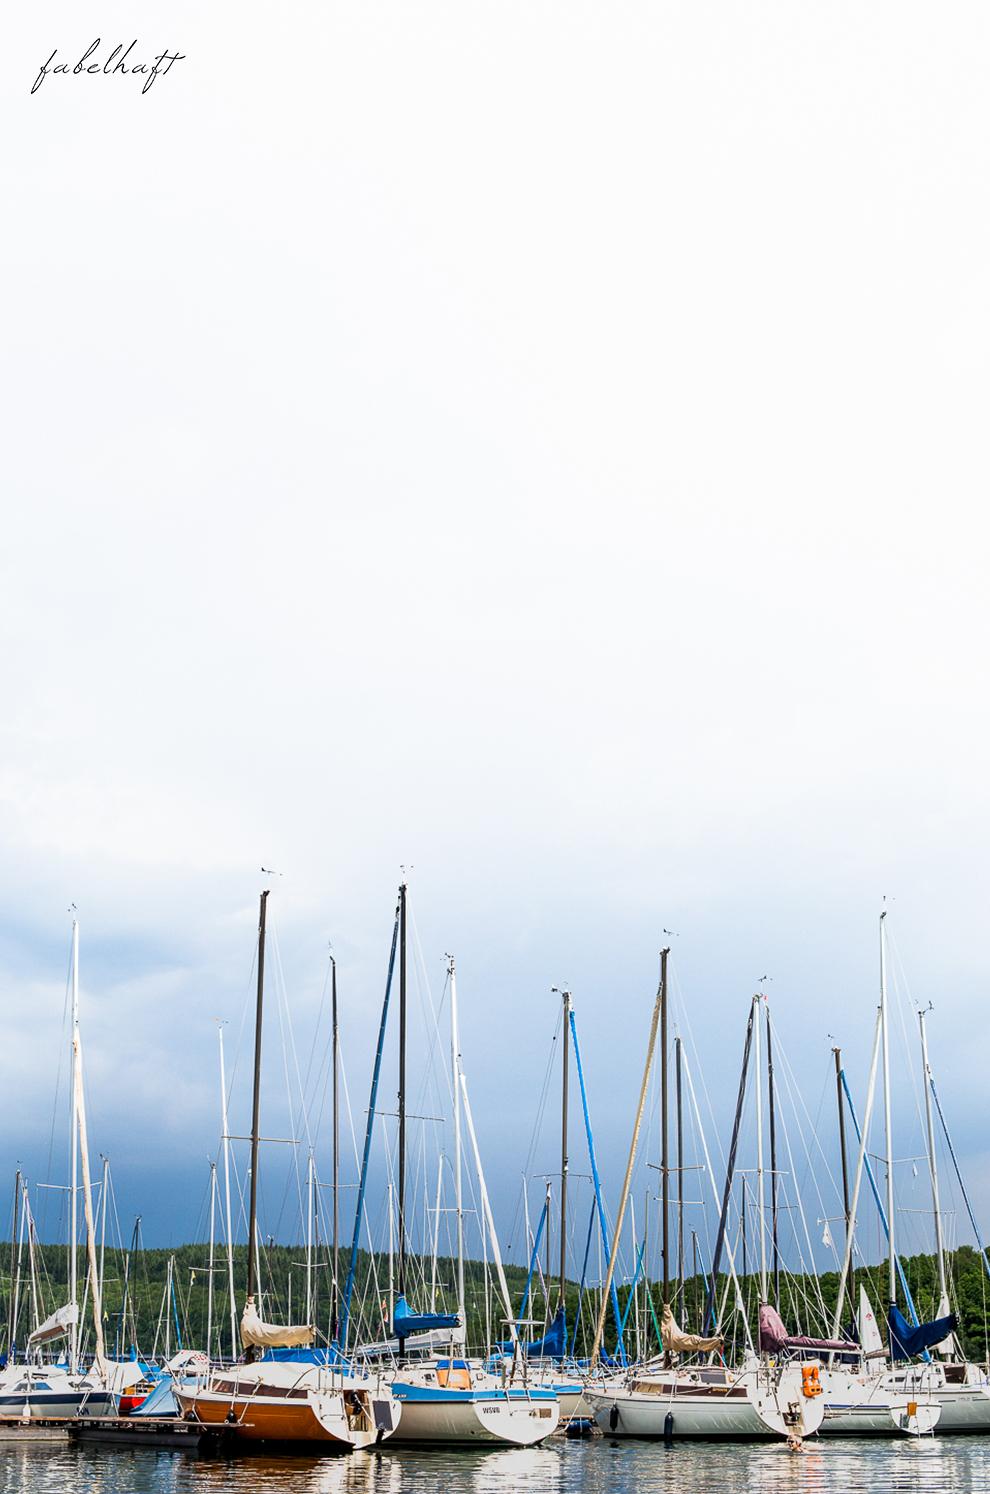 Hochsommer Trend Kleid Sommerkleid Sonnig august Marina Yacht hafen 4